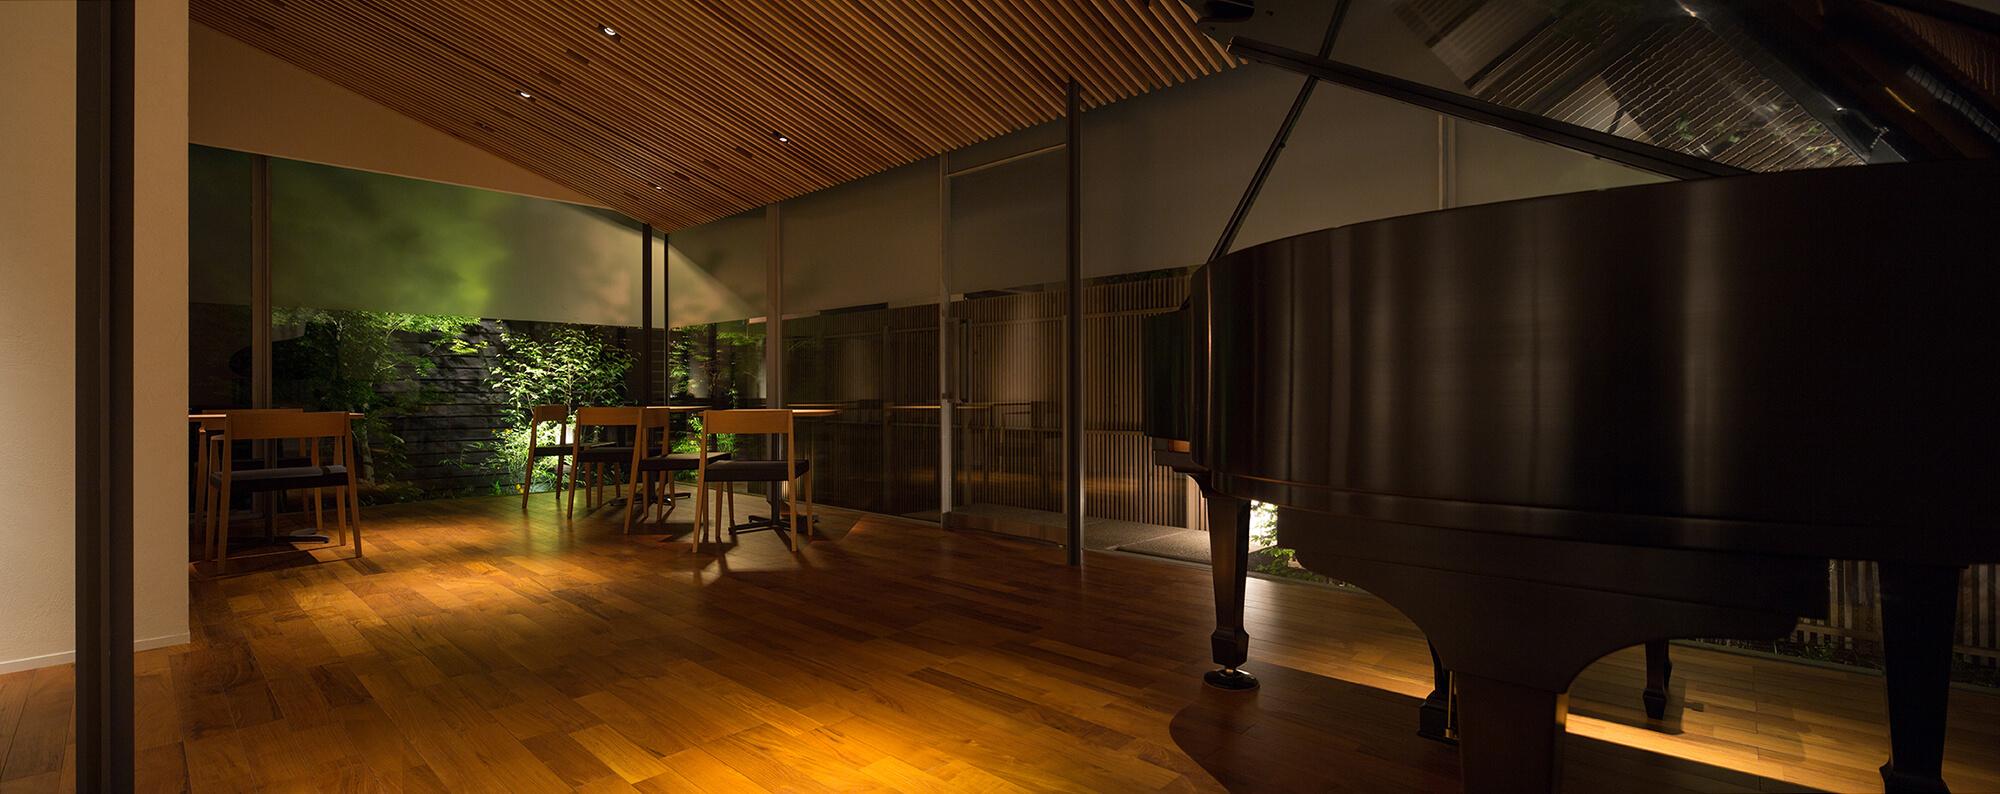 『koto house』建築写真・竣工写真・インテリア写真15